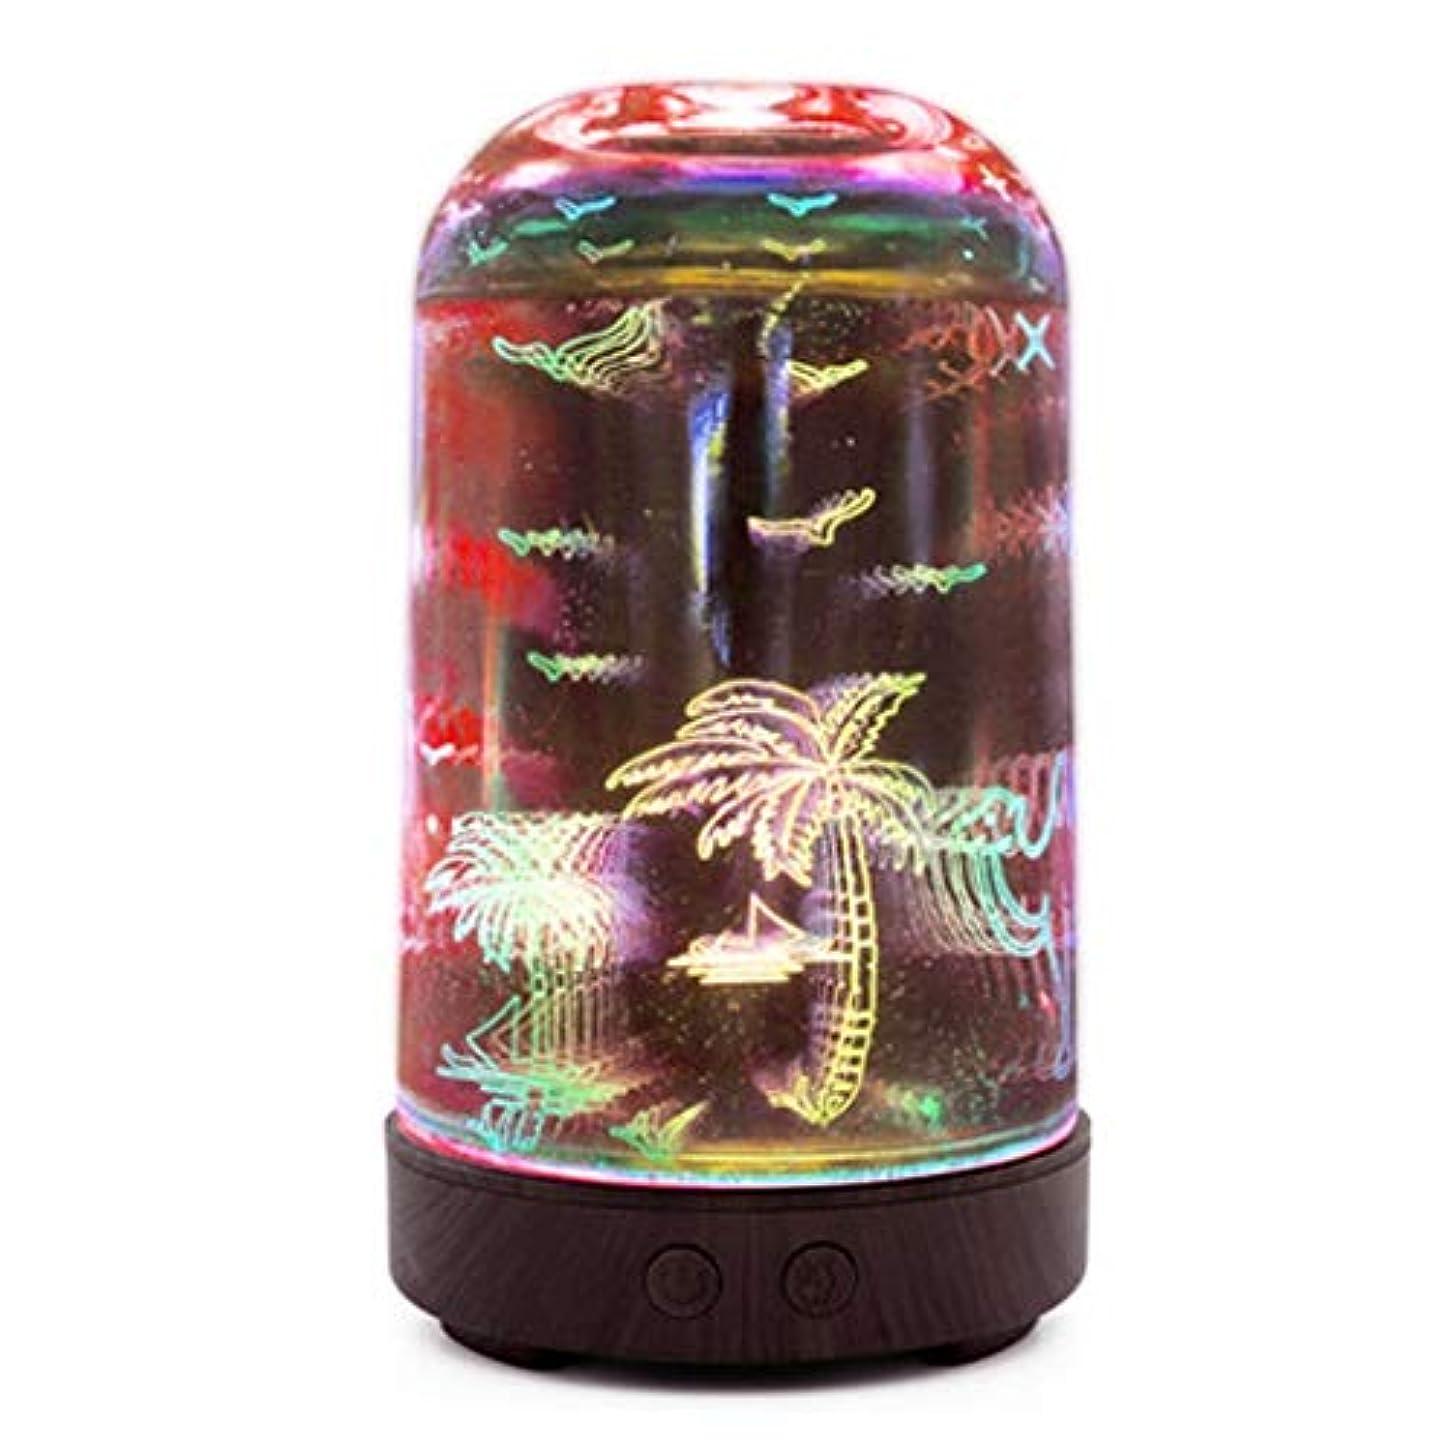 六分儀アイザック肉腫すばらしいLEDライト、便利な自動操業停止および大きい水漕が付いている3Dガラス100mlギャラクシー優れた超音波加湿器 (Color : Coconut tree)